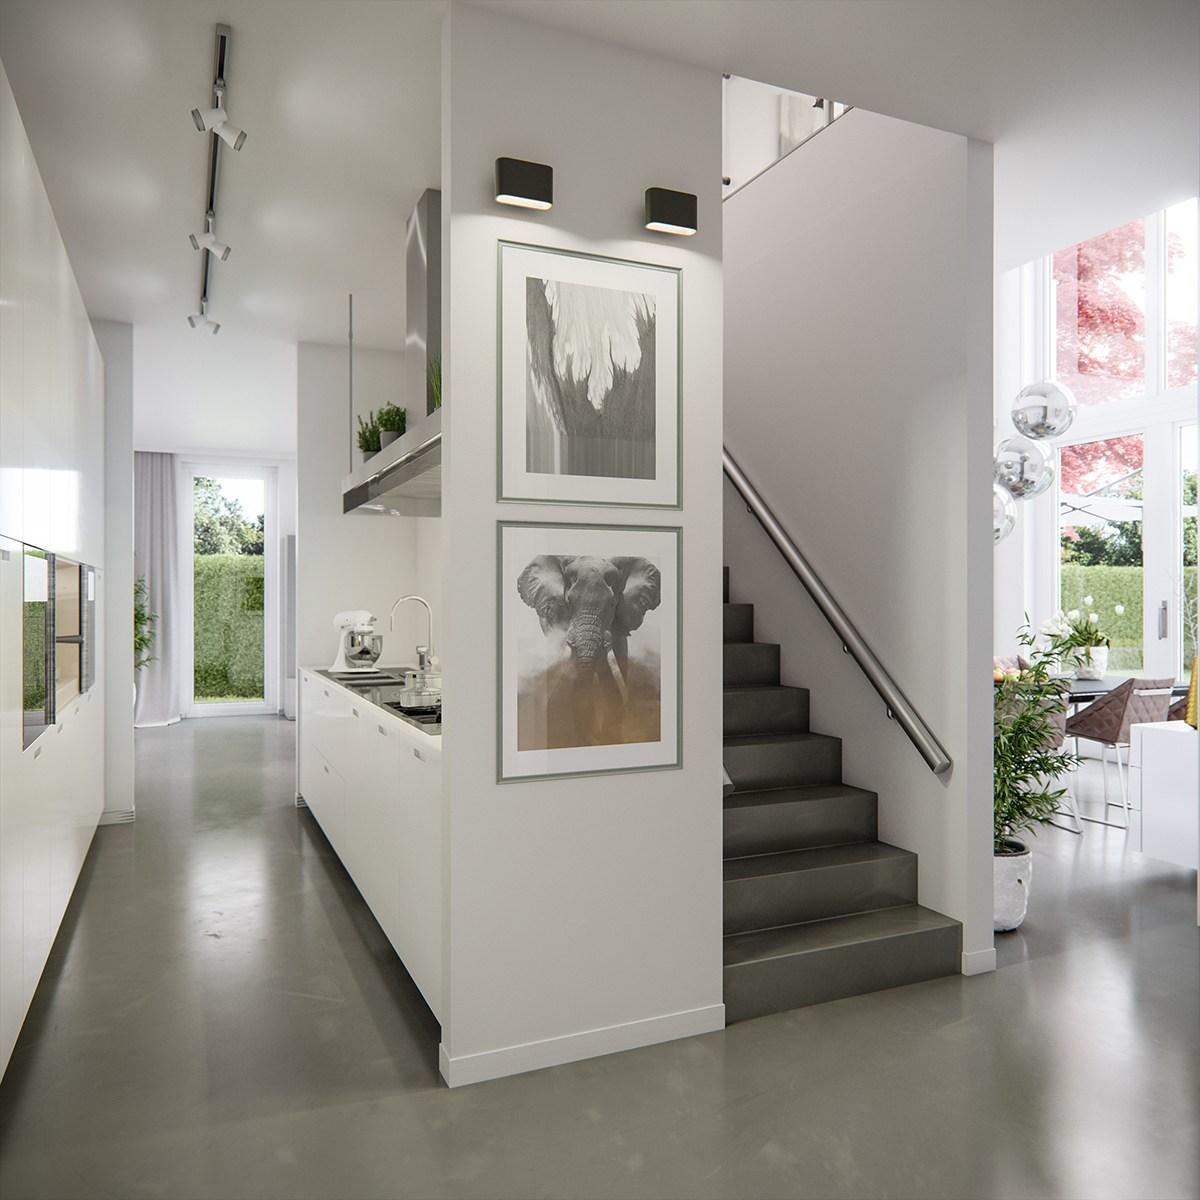 galley-kitchen-layout-inspiration.jpg